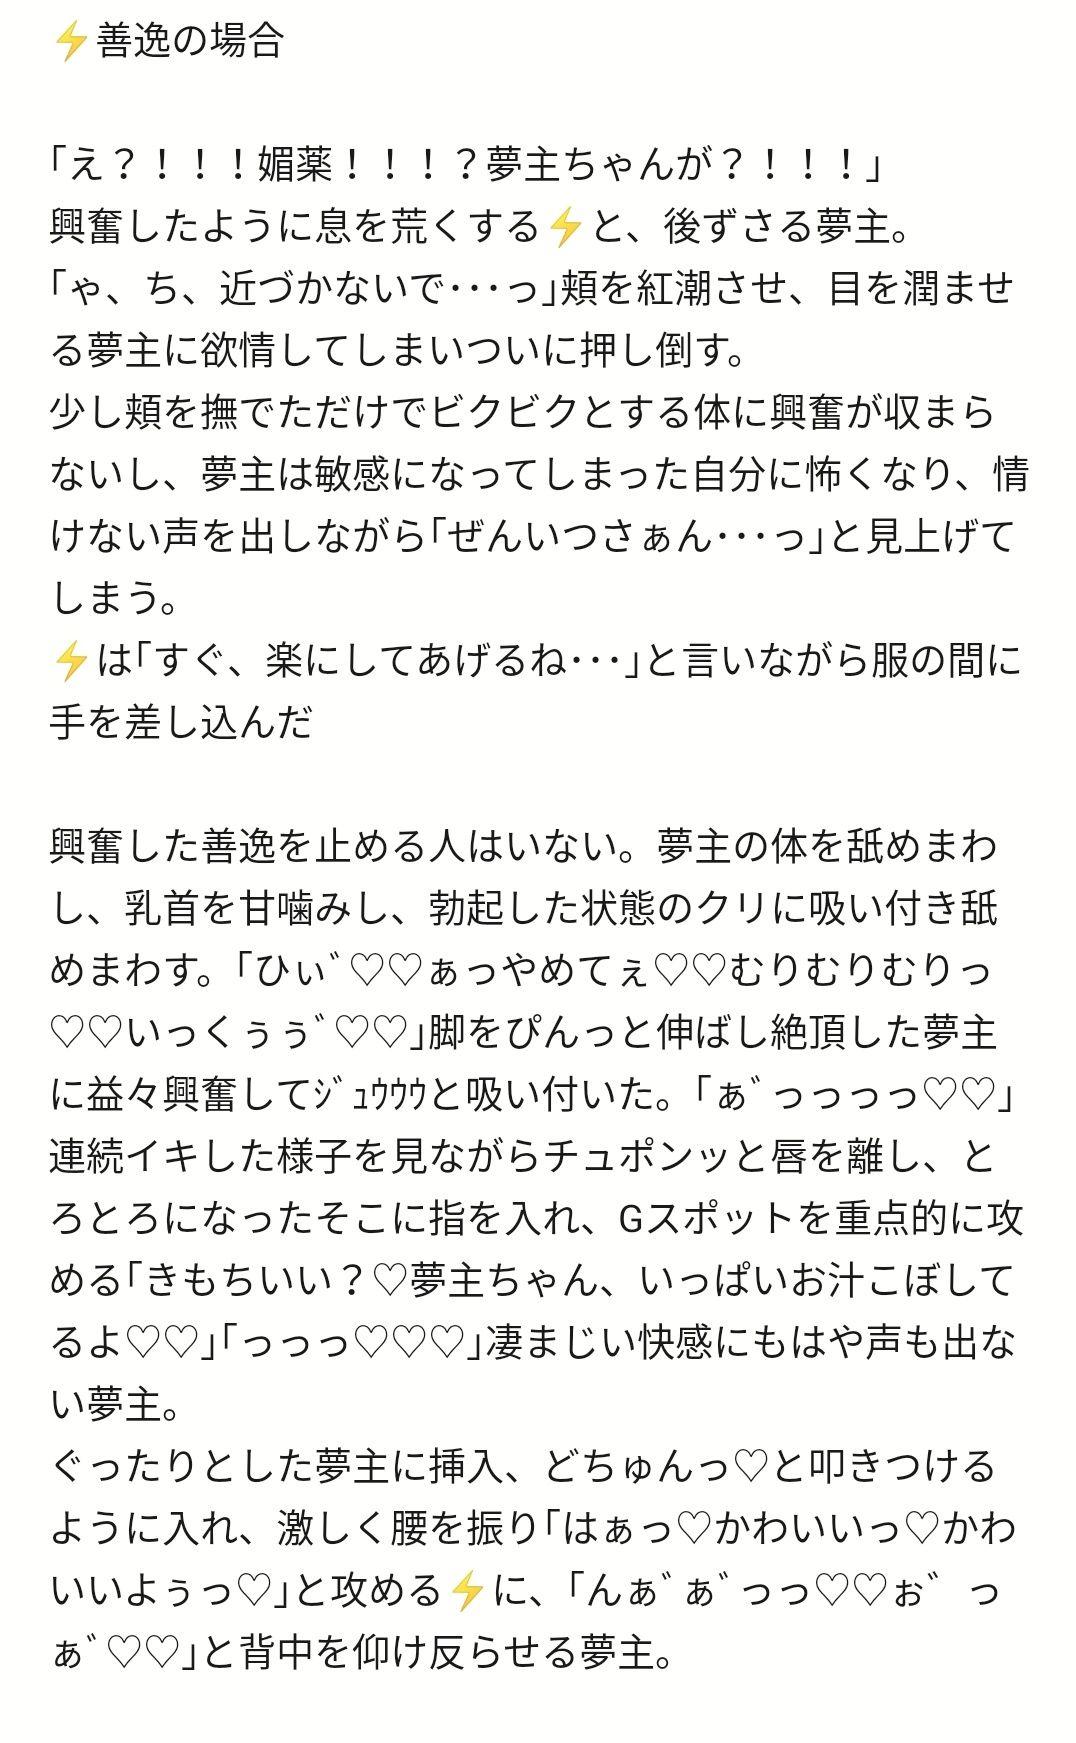 ヒロアカ 善逸 小説